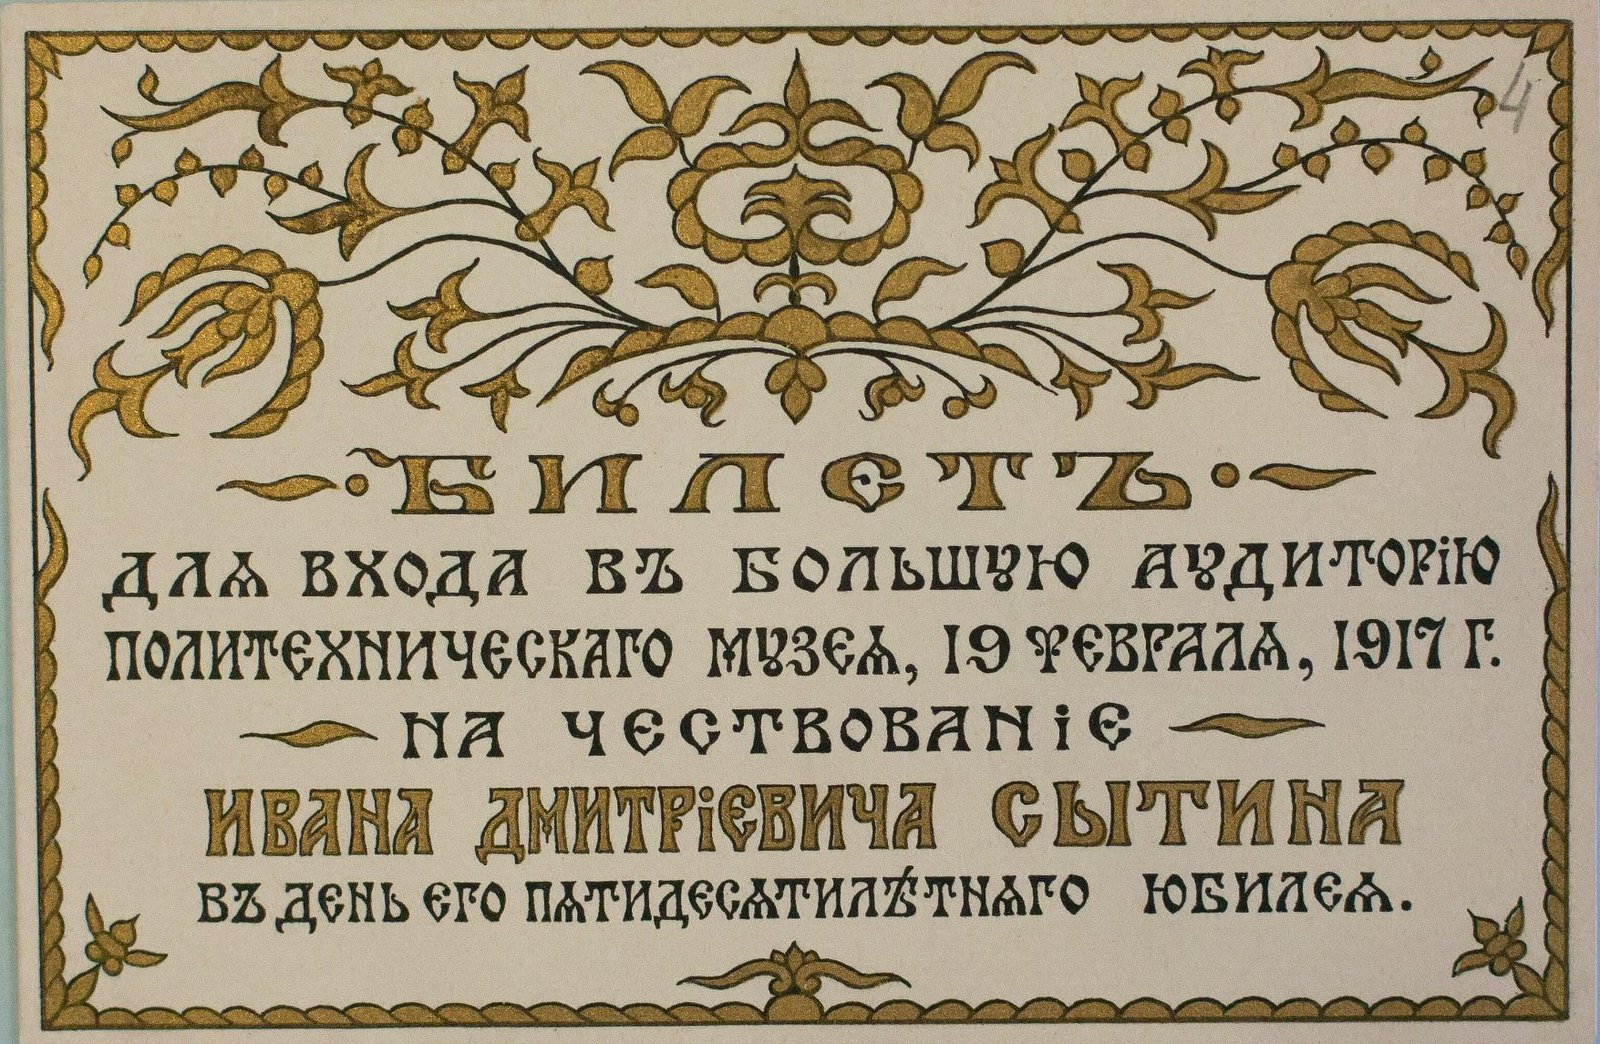 30. 1917. Билет пригласительный. 19 февраля